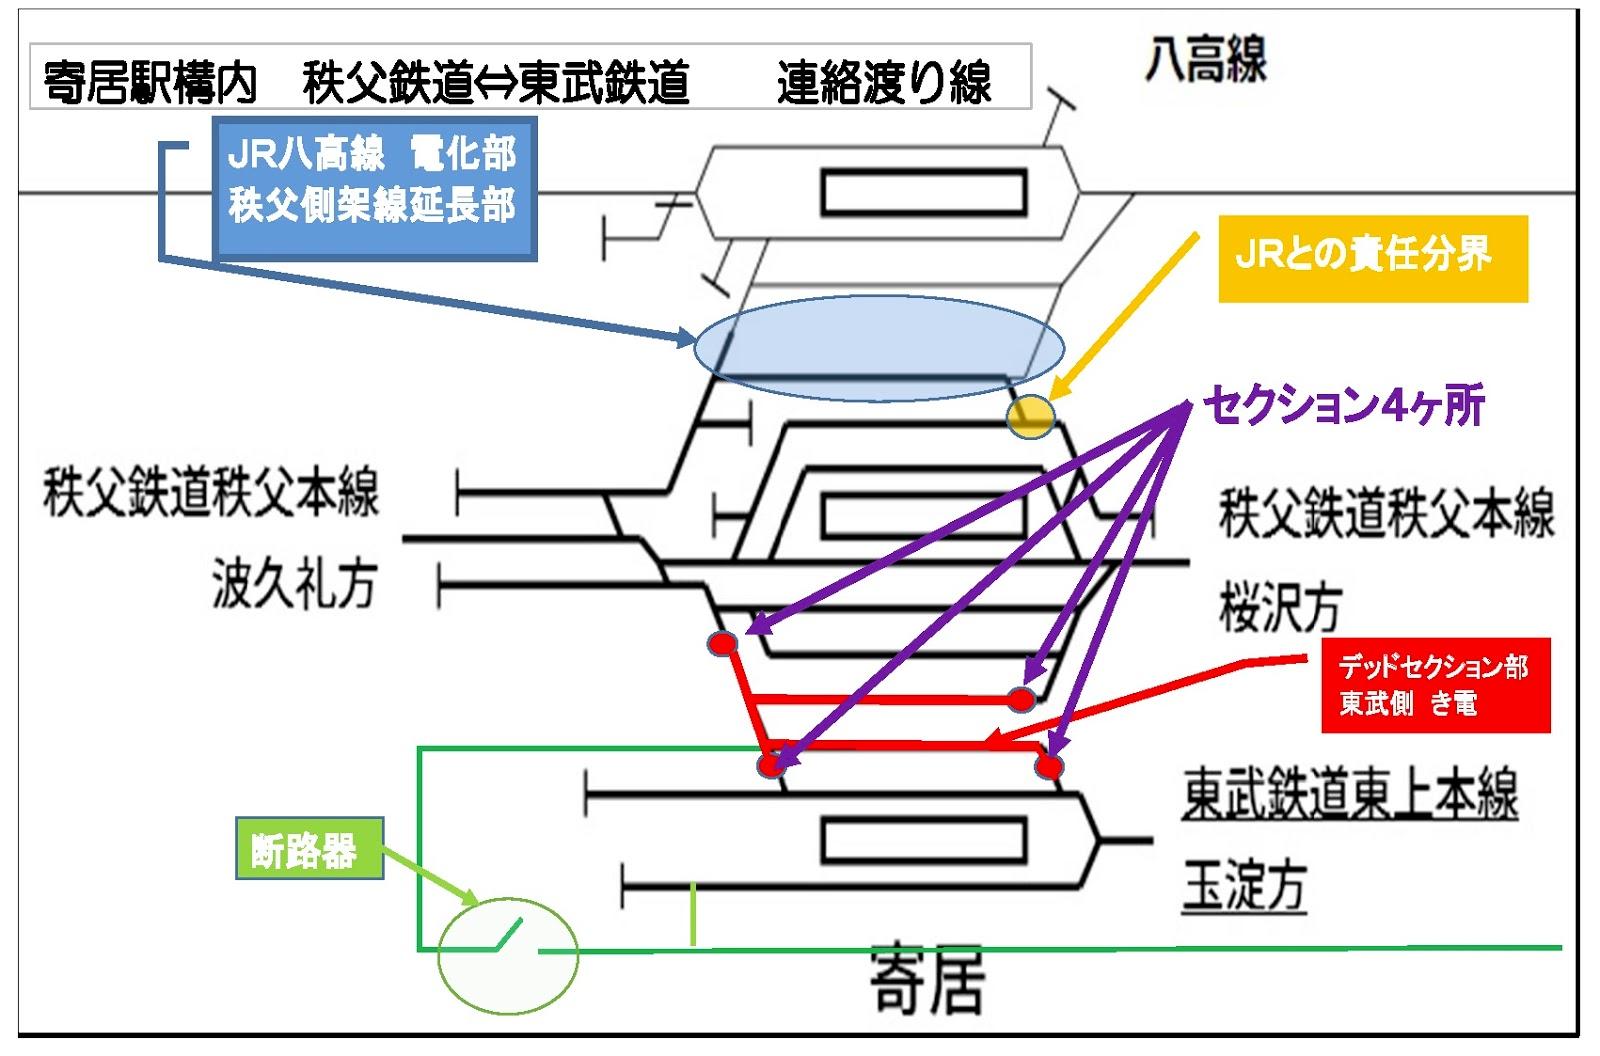 秩父線 前方展望 寄居駅進行 右架線が無い部分はJR東日本 八高線